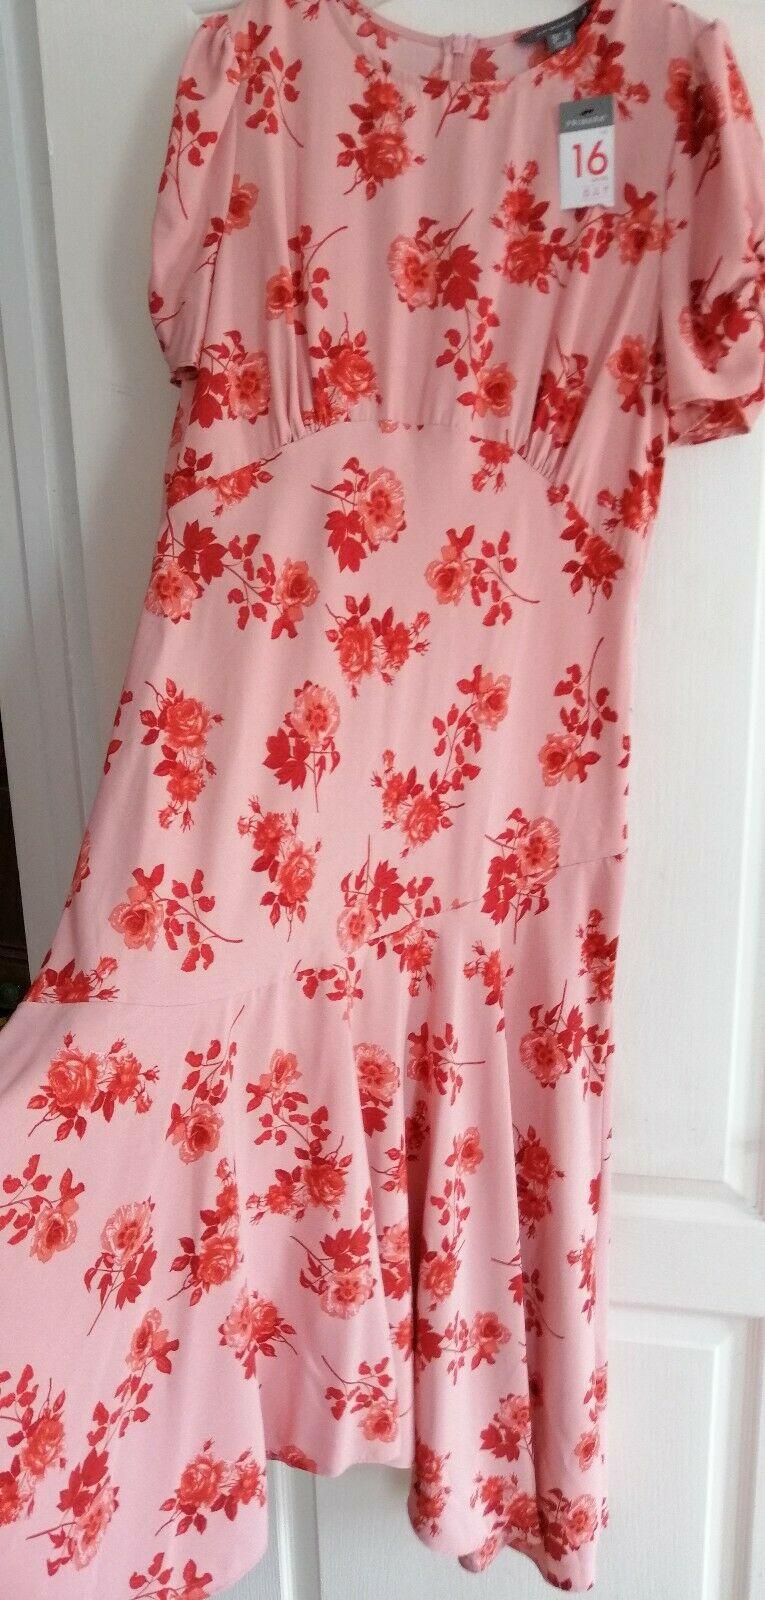 primark-pink-midi-floral-dress-16-new-sold-out v2